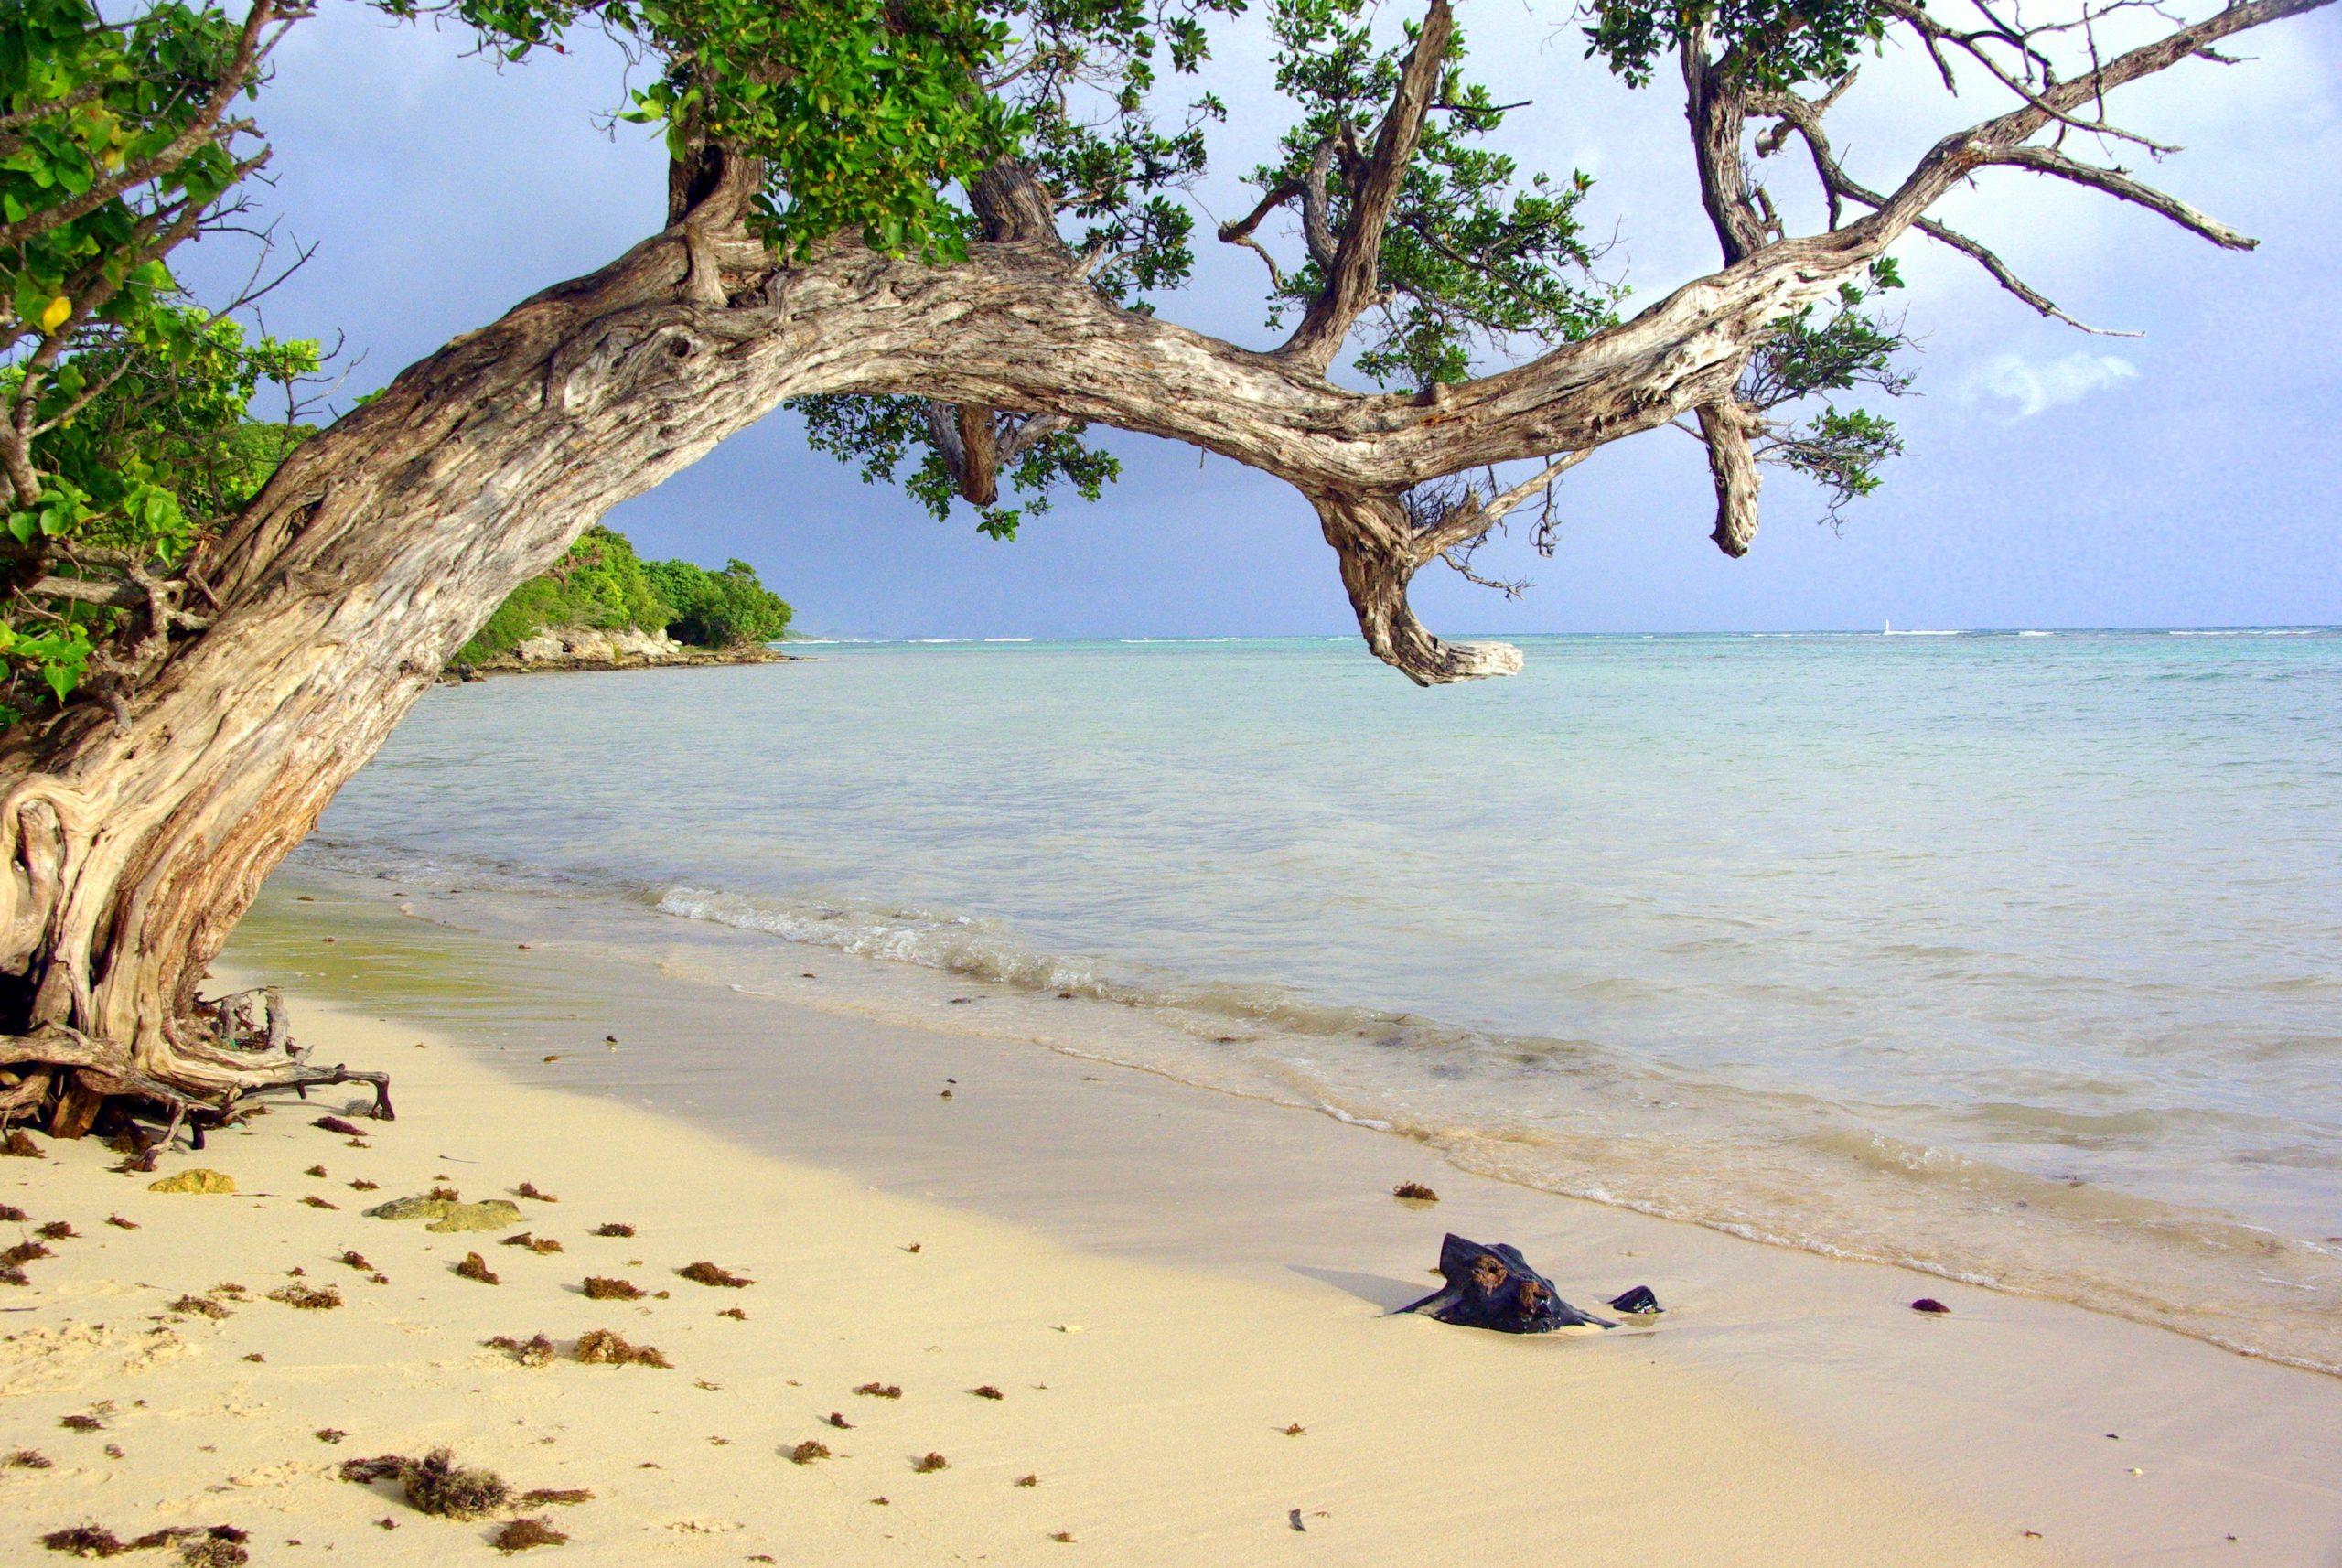 """< img src=""""guadeloupe-grande-ance.jpg"""" alt=""""Voyage en Guadeloupe plage"""" />"""